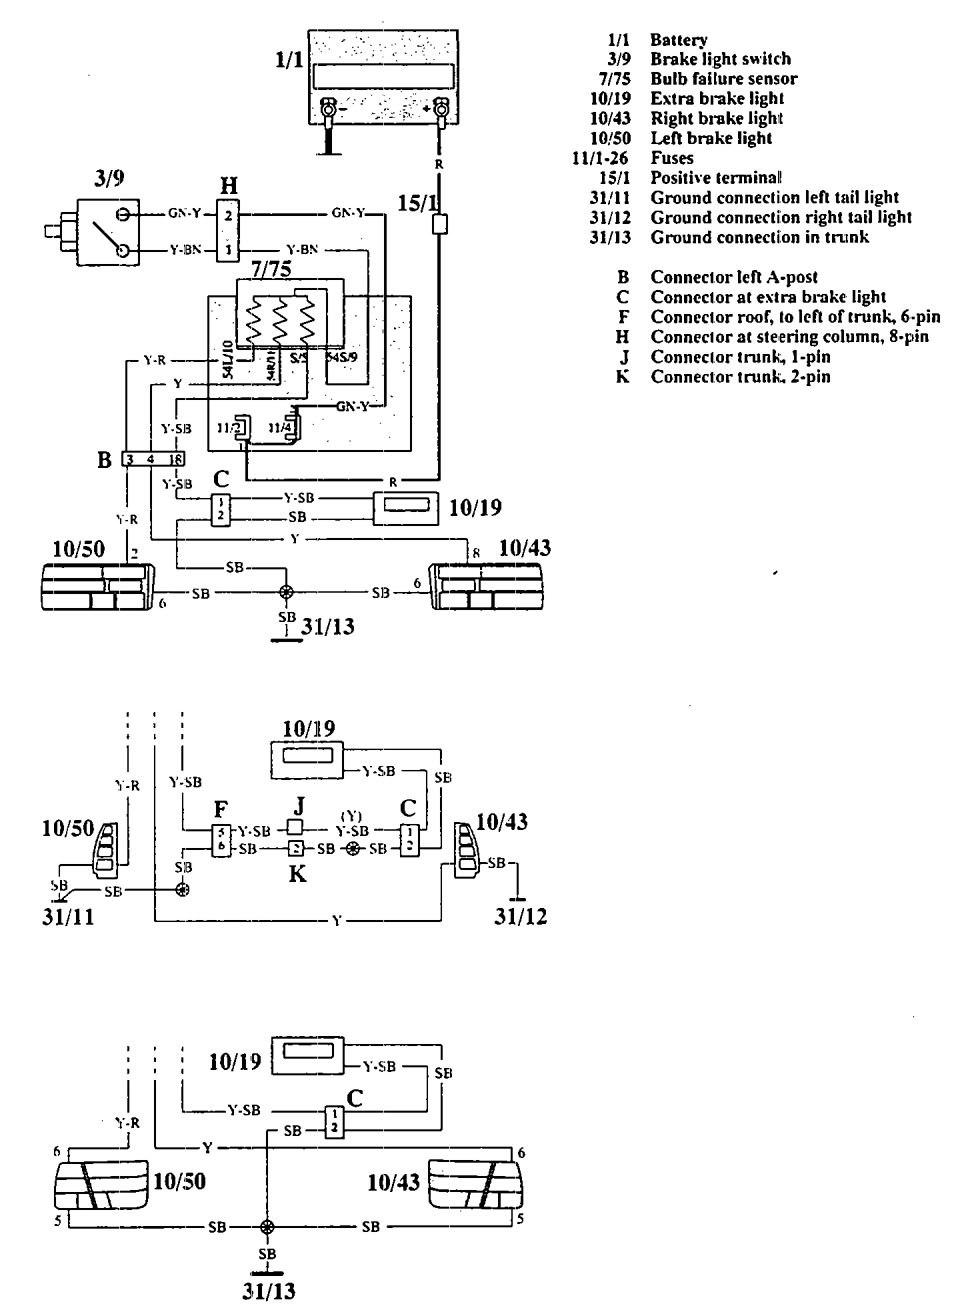 92 Volvo 940 Wiring Diagram Electrical Schematics For 1996 850 1995 Radio Trucks Schematic Sensors